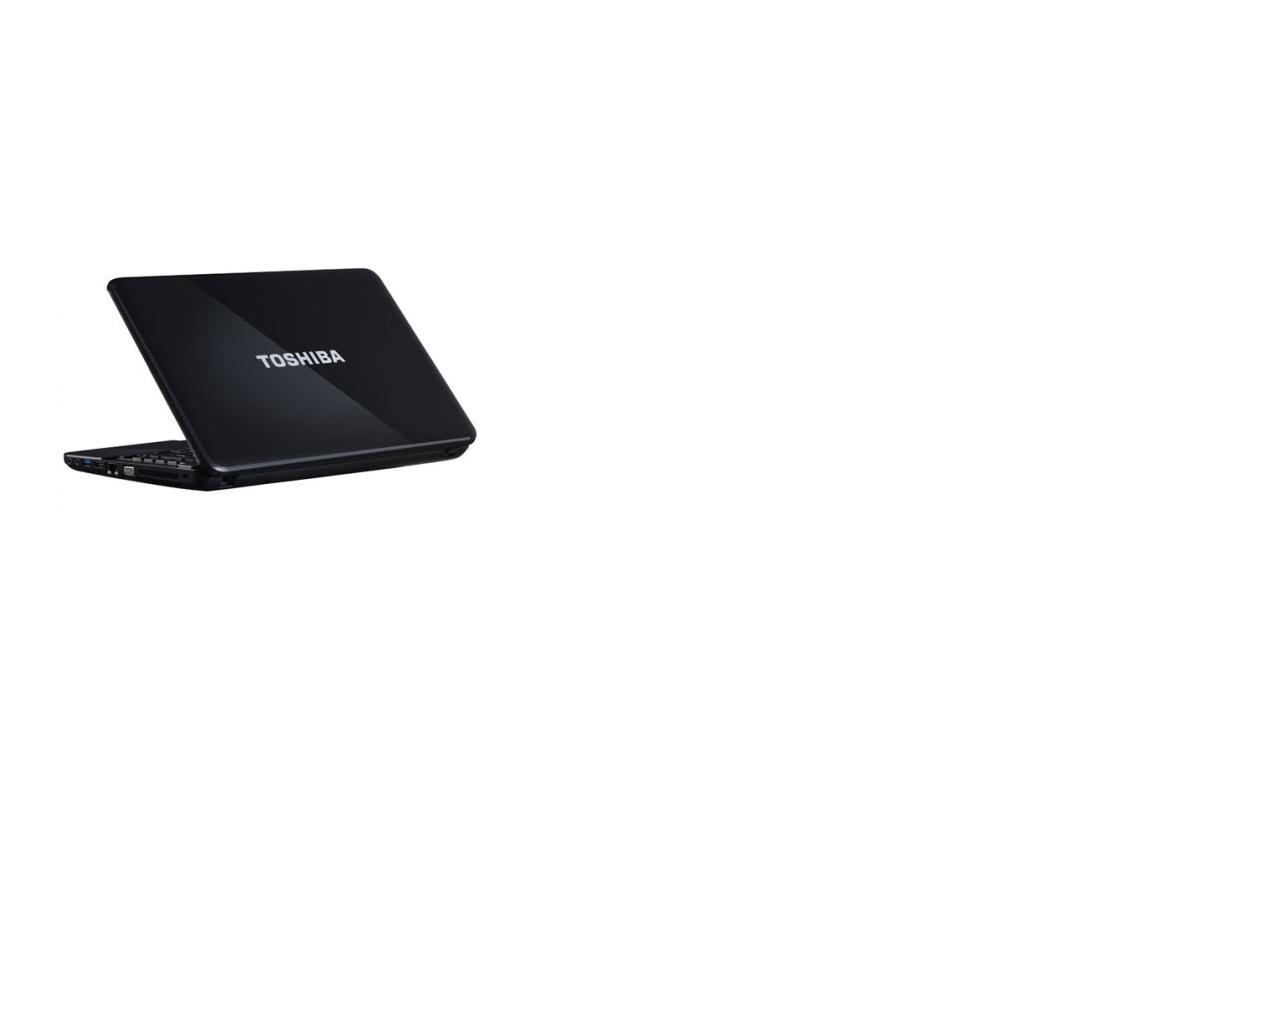 Toshiba L830 - 1003X